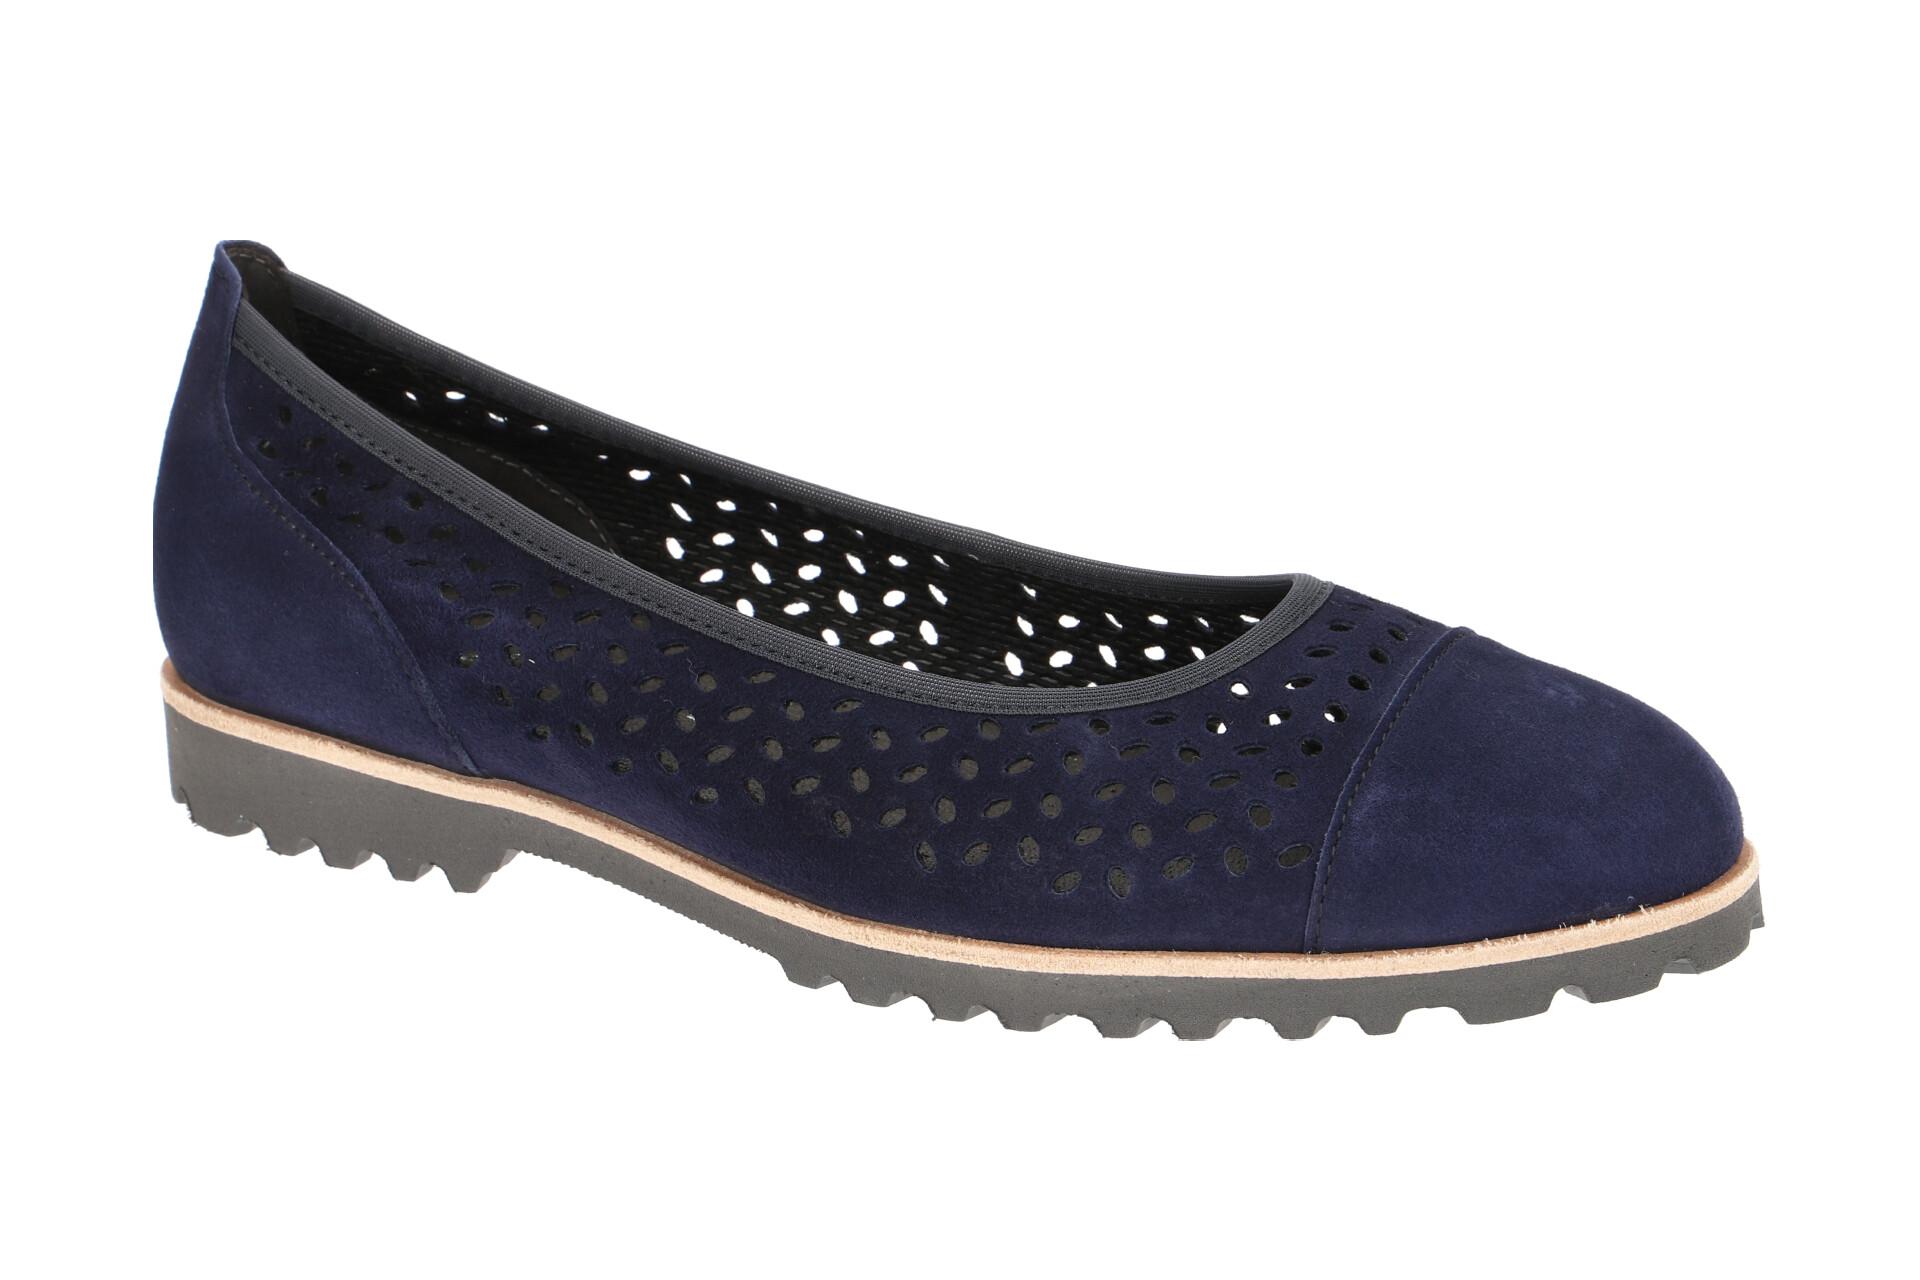 weltweit versandkostenfrei Gabor Schuhe 23.108 blau